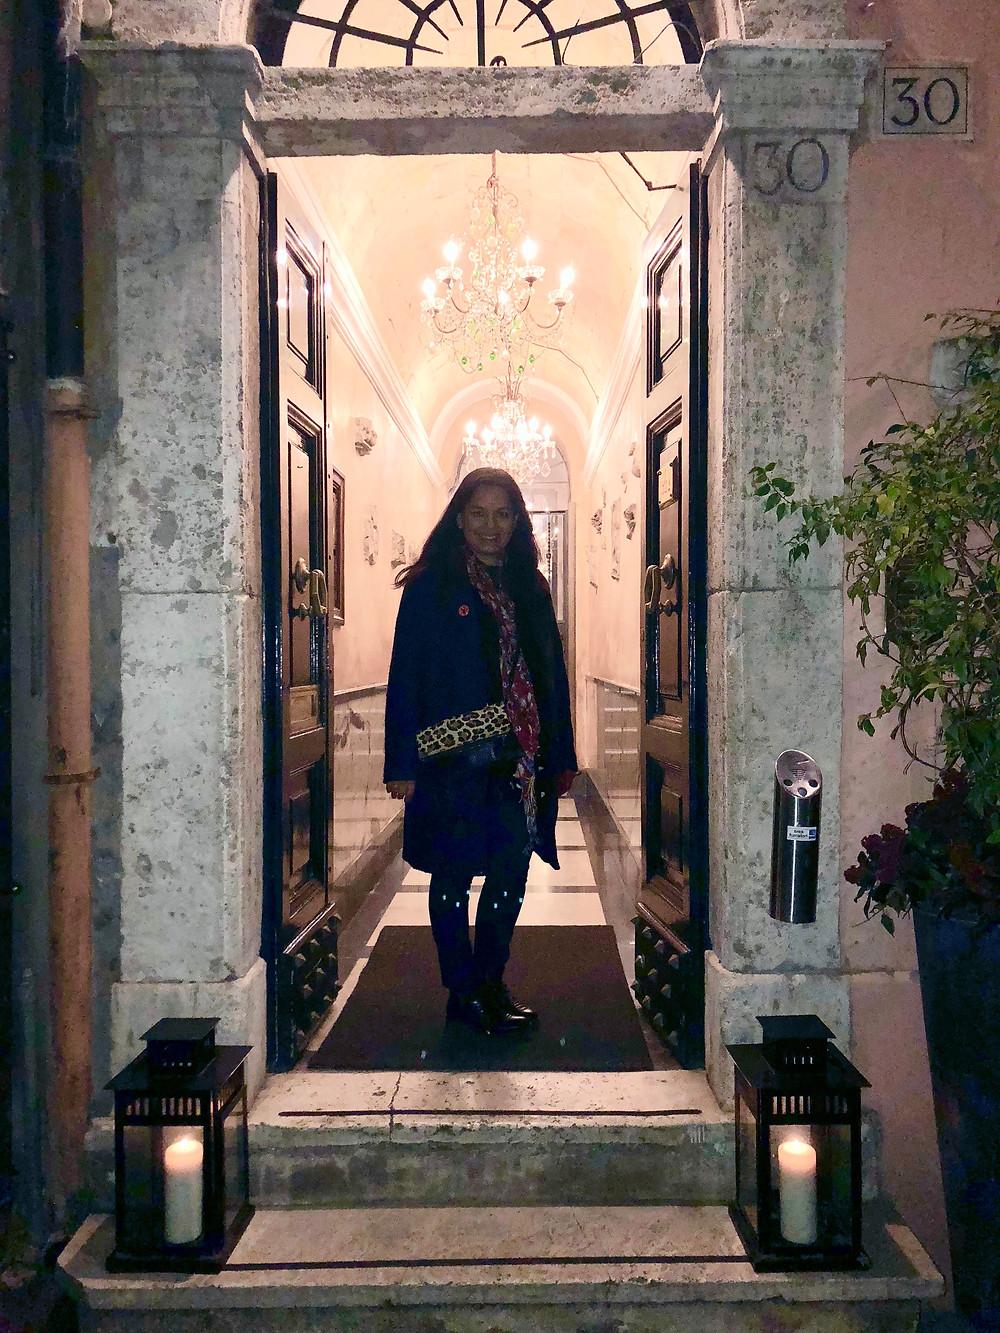 Kati at The Inn at the Roman Forum